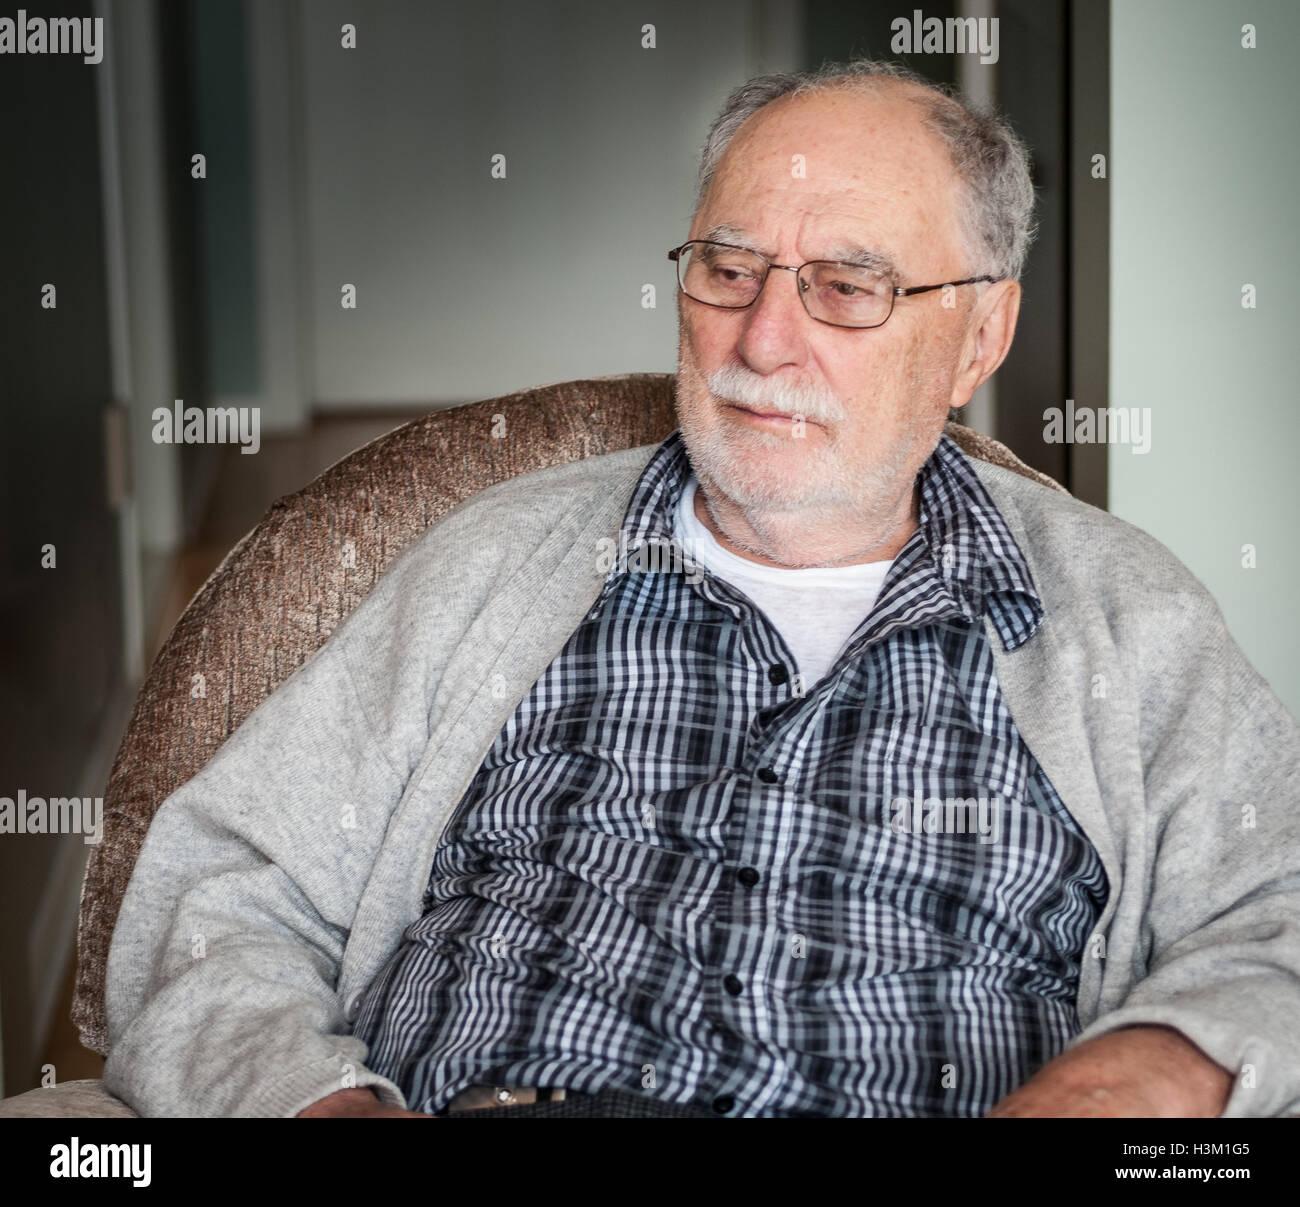 Nonno In Poltrona.Ritratto Di Un Nonno Che Indossa Un Maglione Grigio A